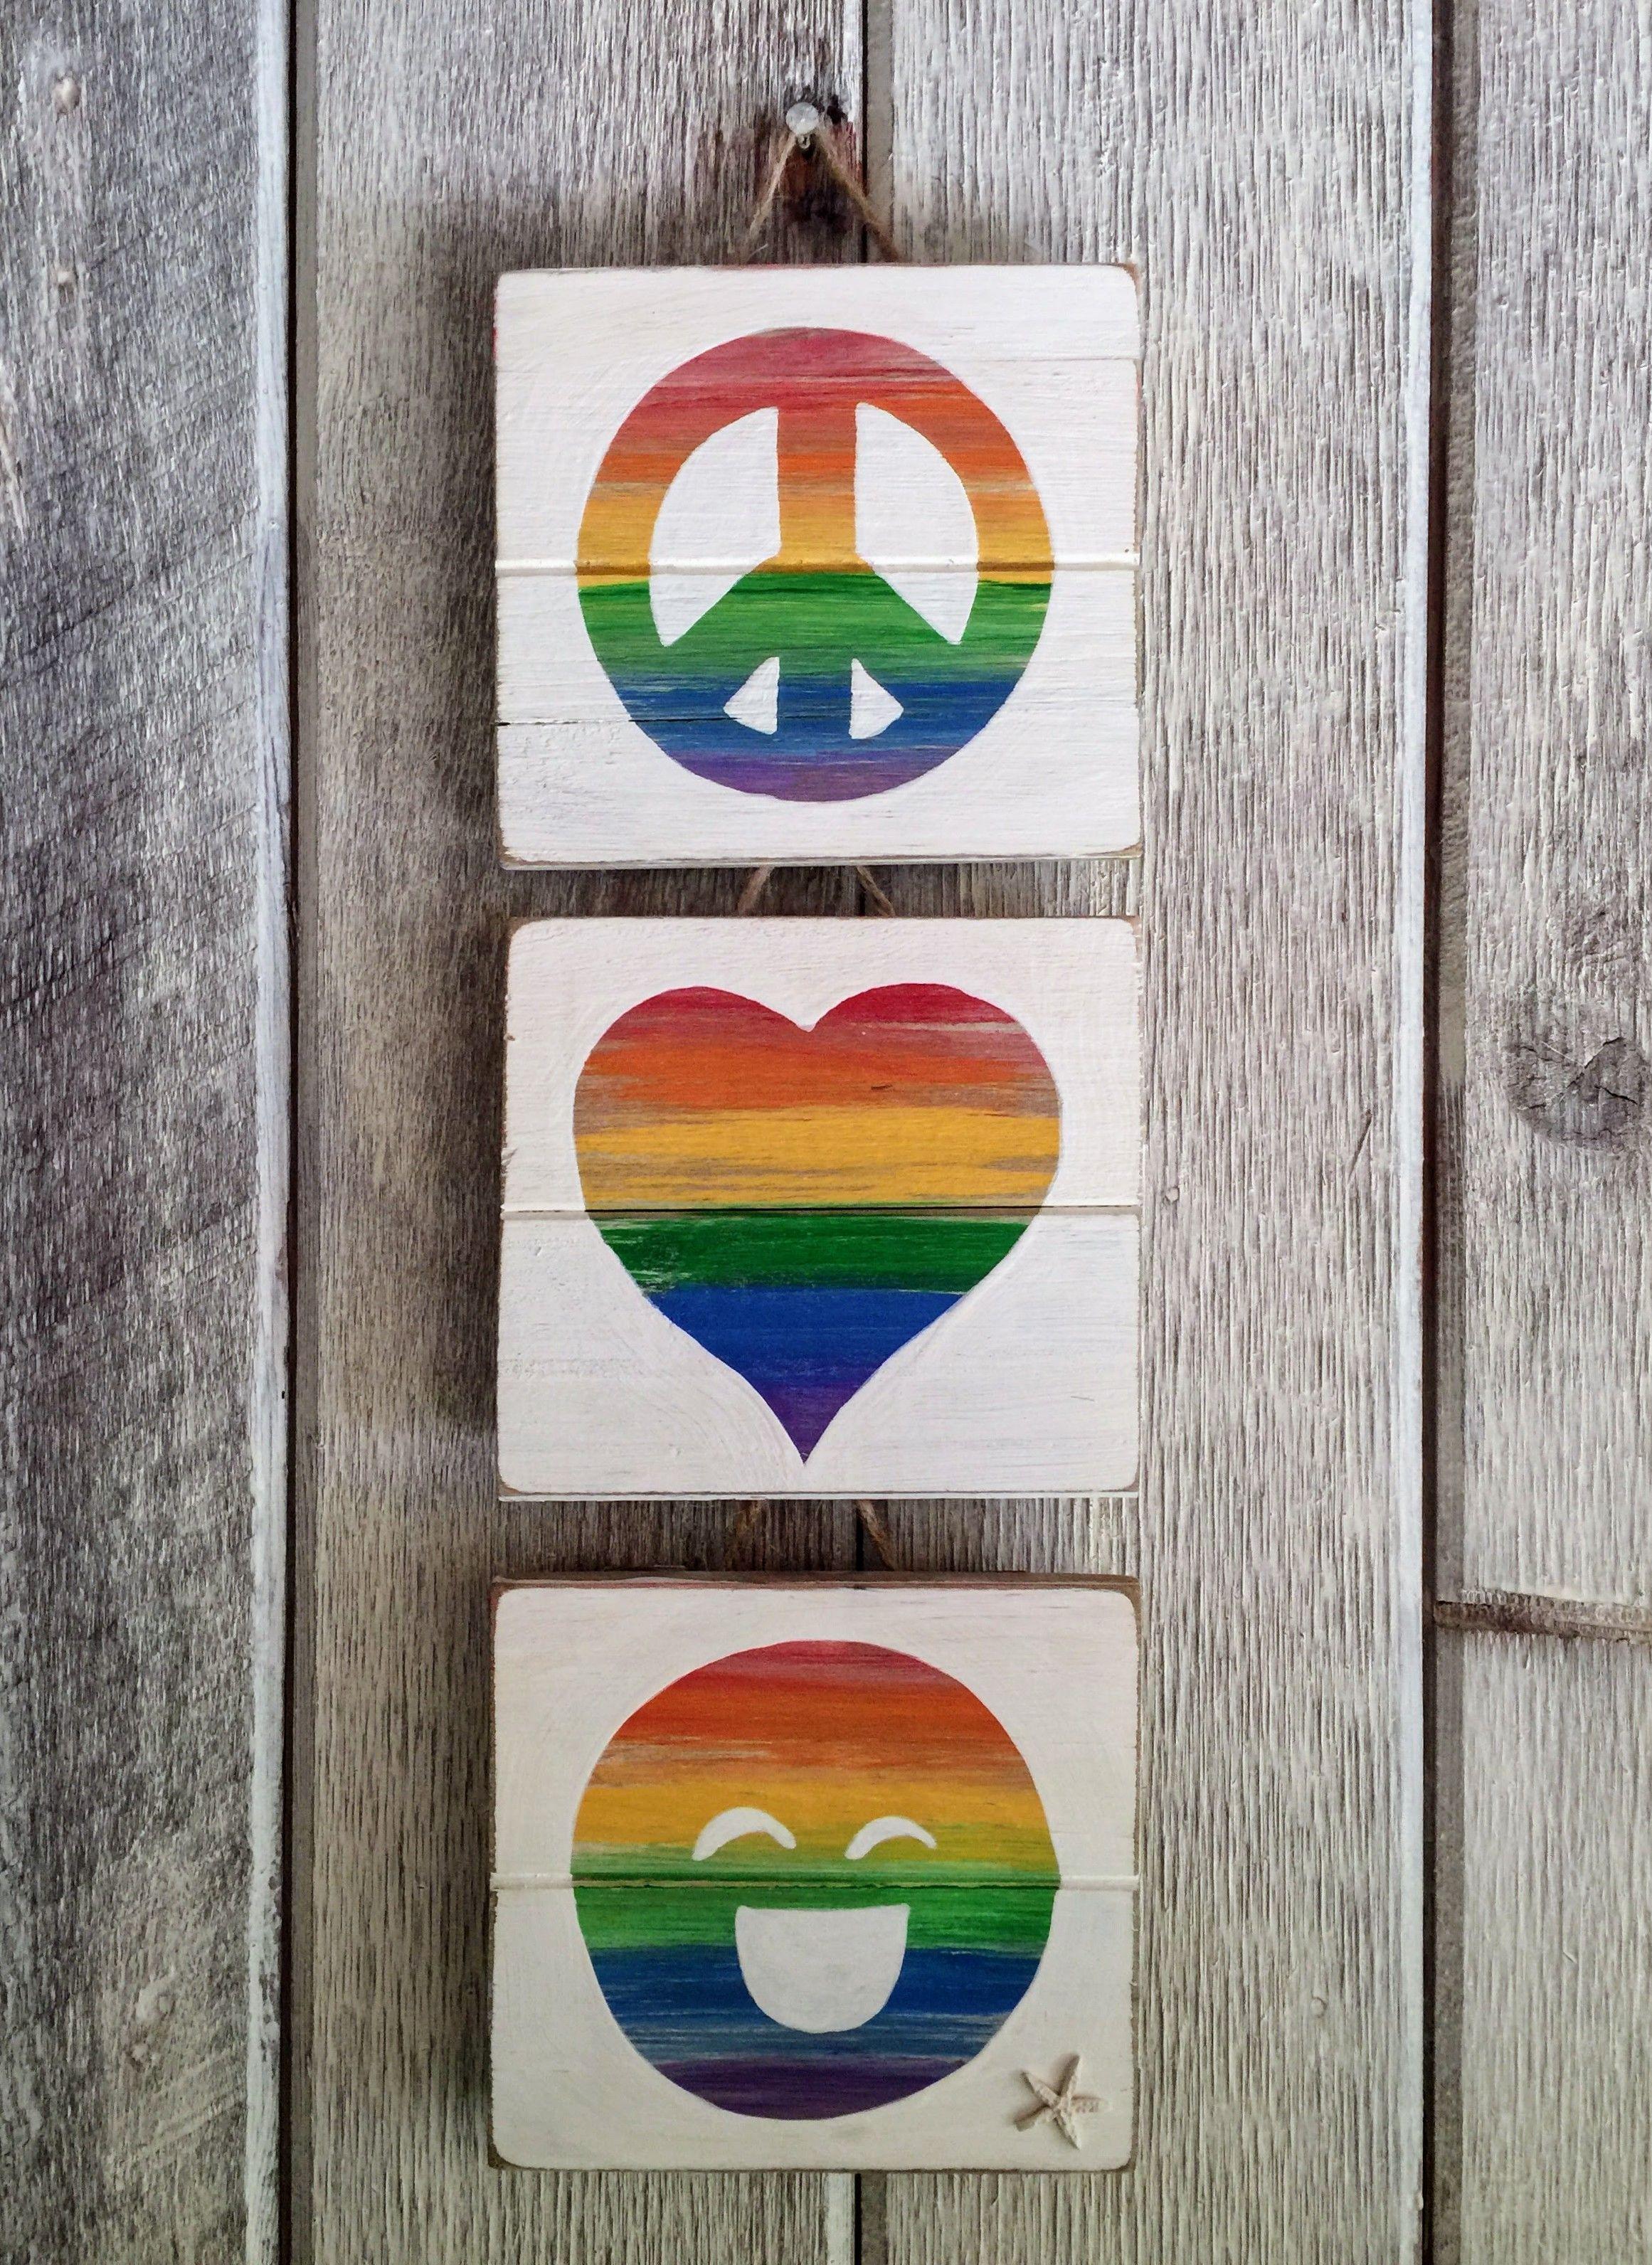 Is a rainbow a gay sign